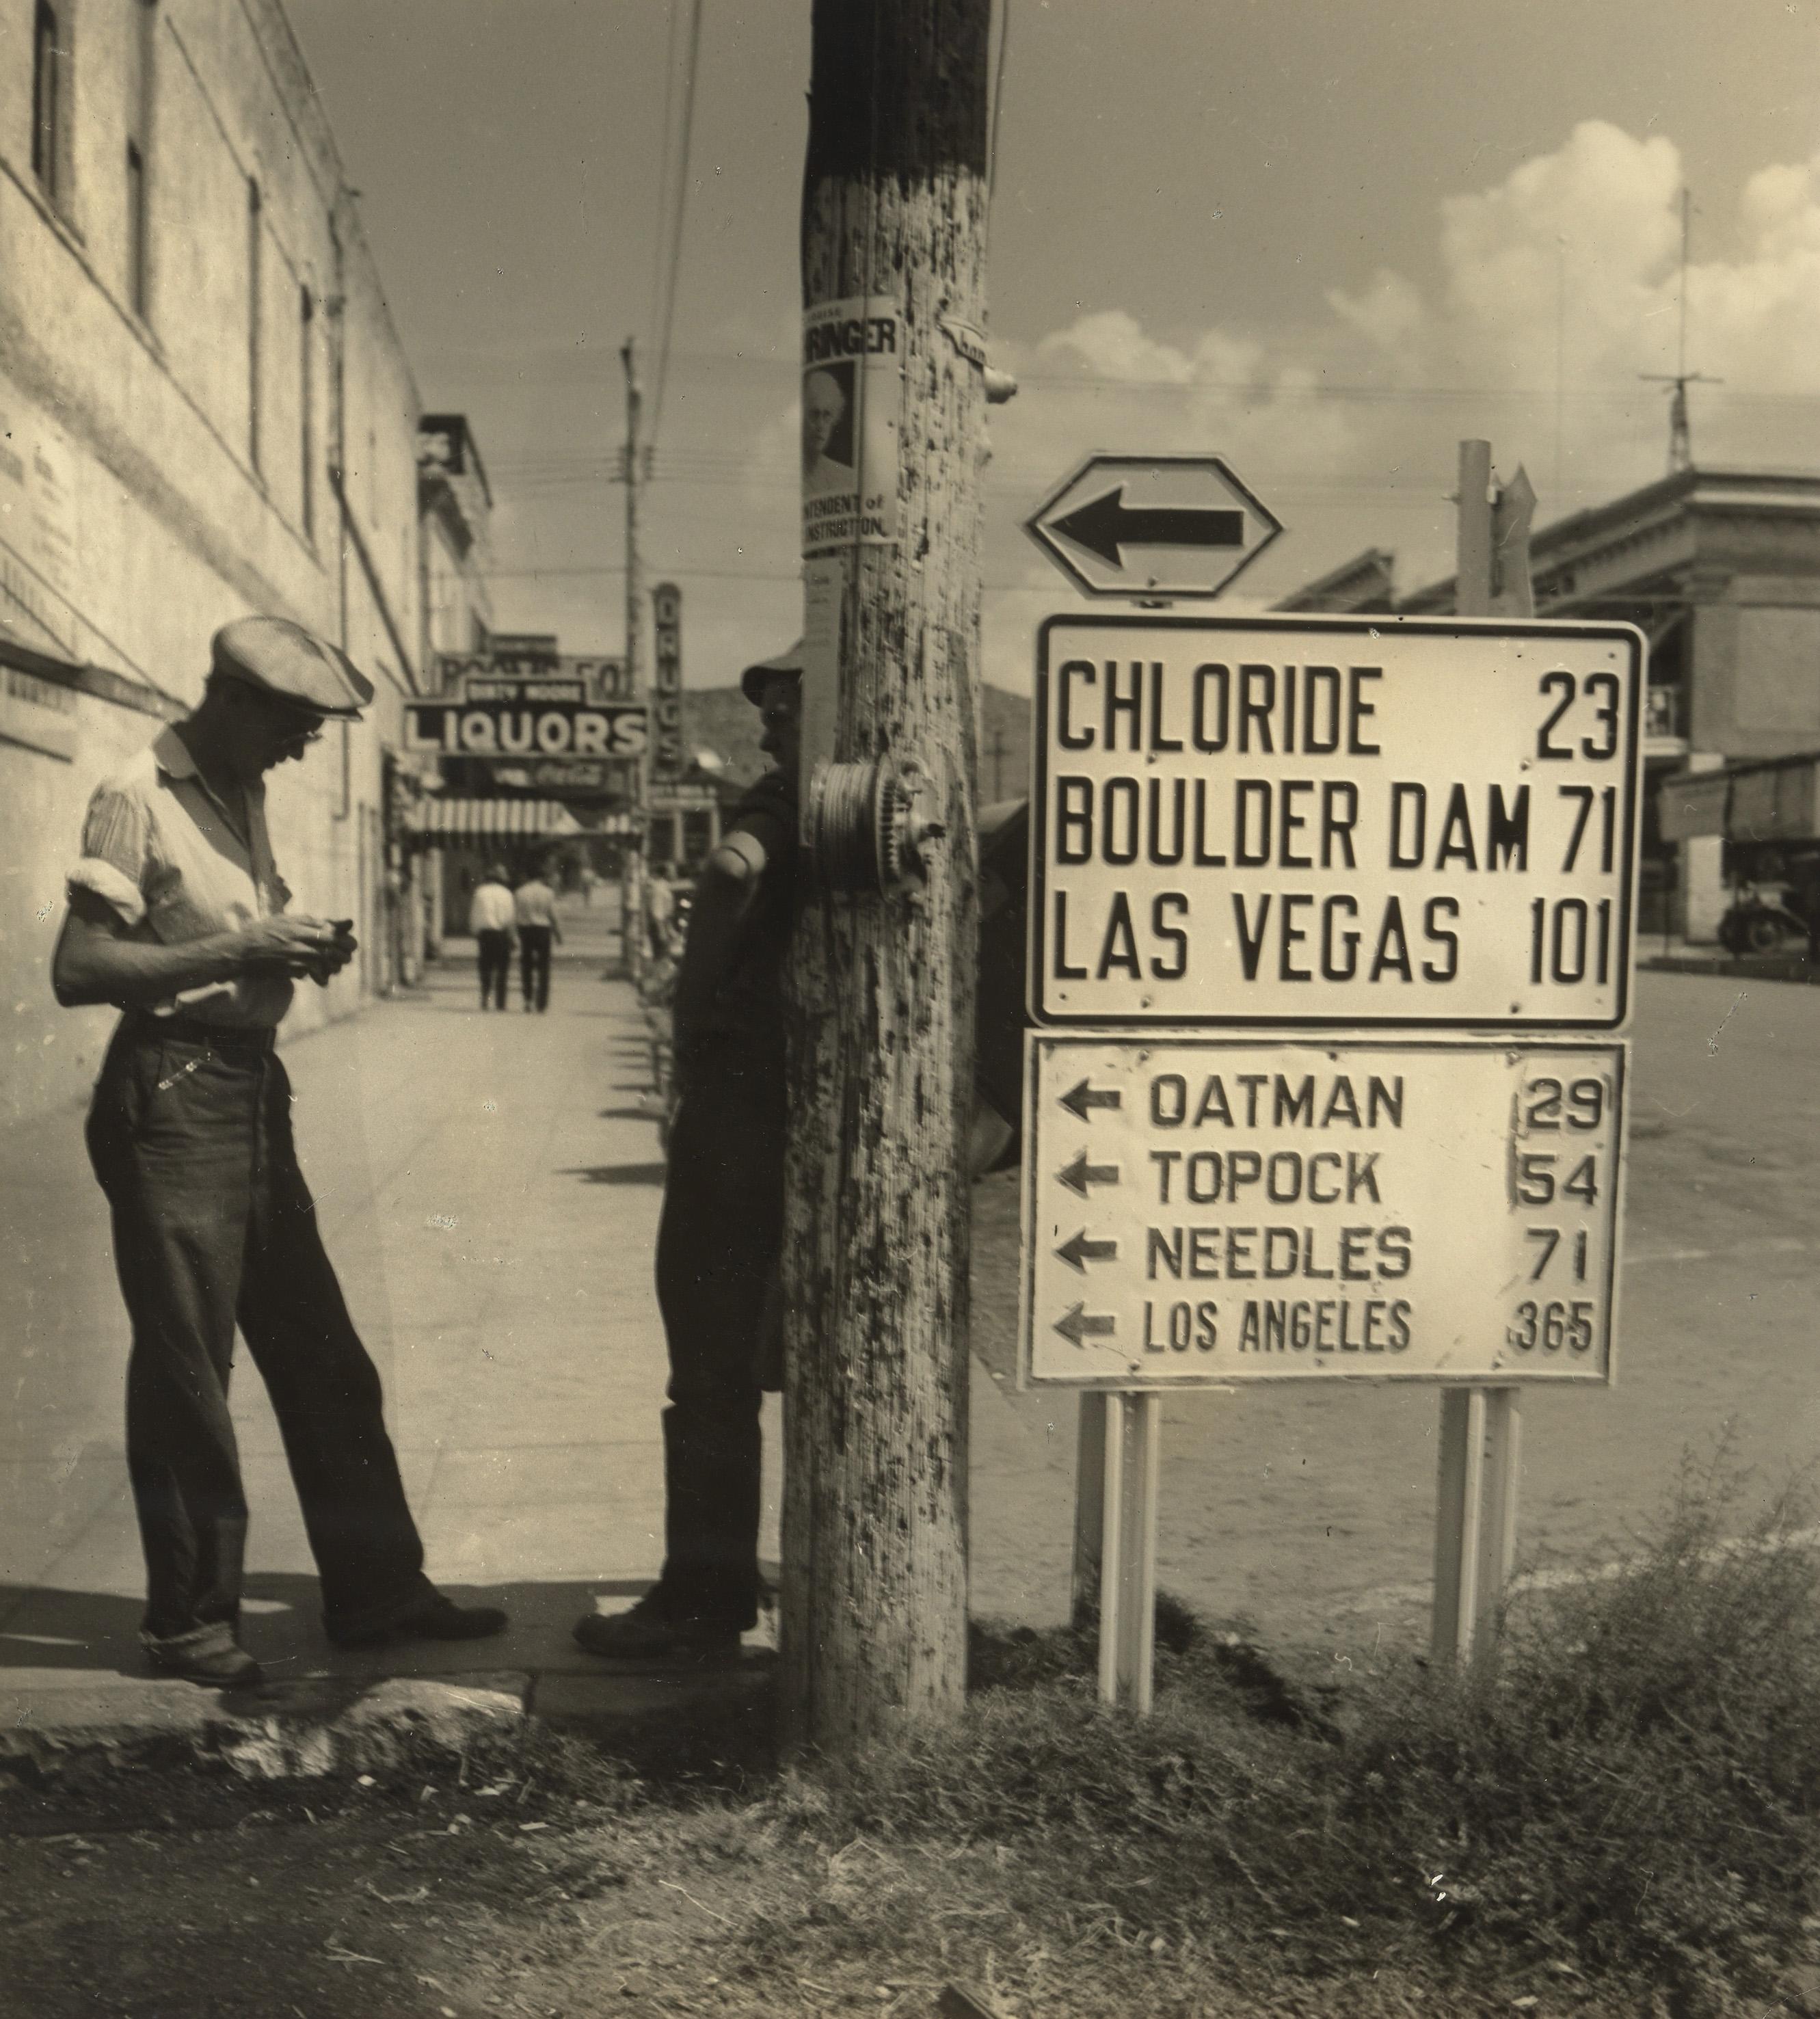 Utcai jelenet, USA 1940.Robert Haas © Wien Museum/Sammlung Robert Haas